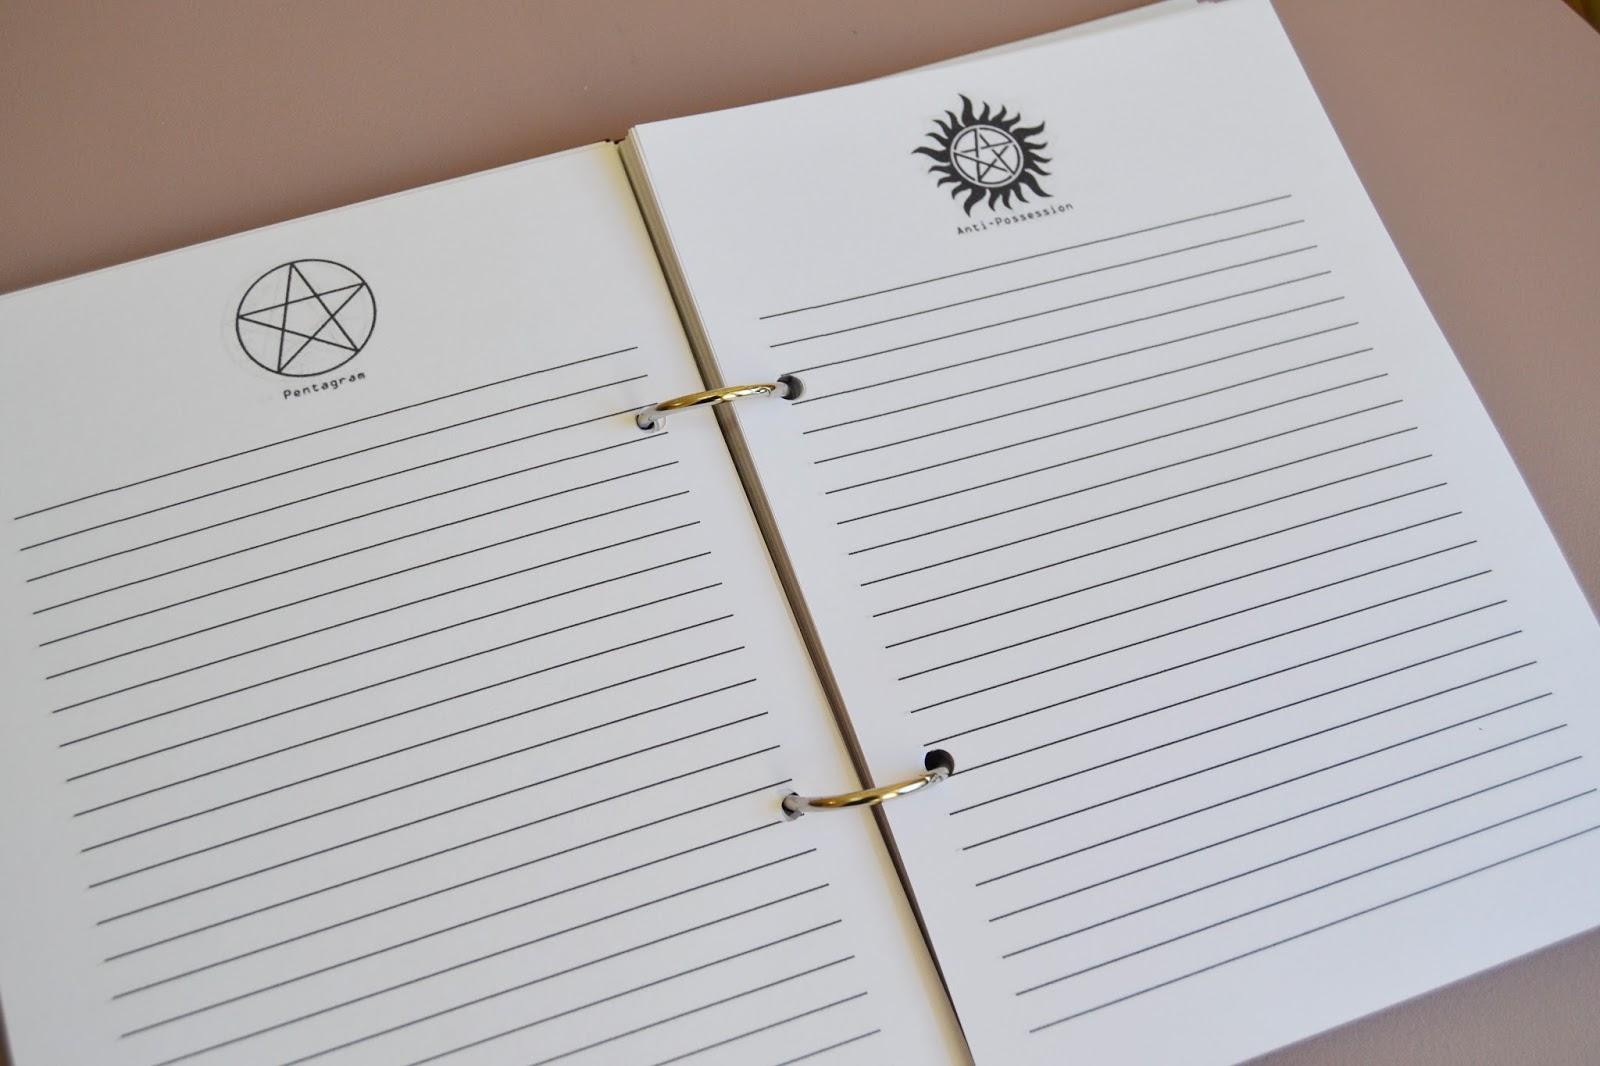 Дневник джона винчестера своими руками 85